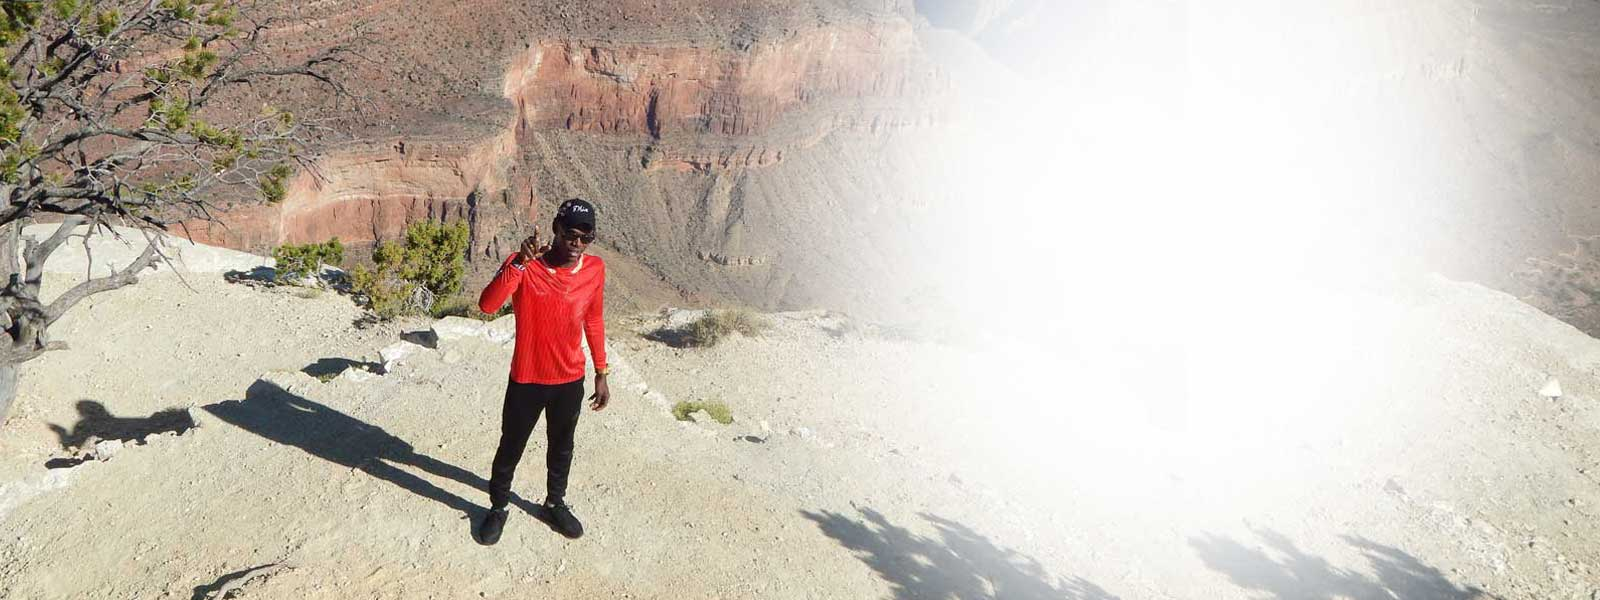 Participant at Grand Canyon